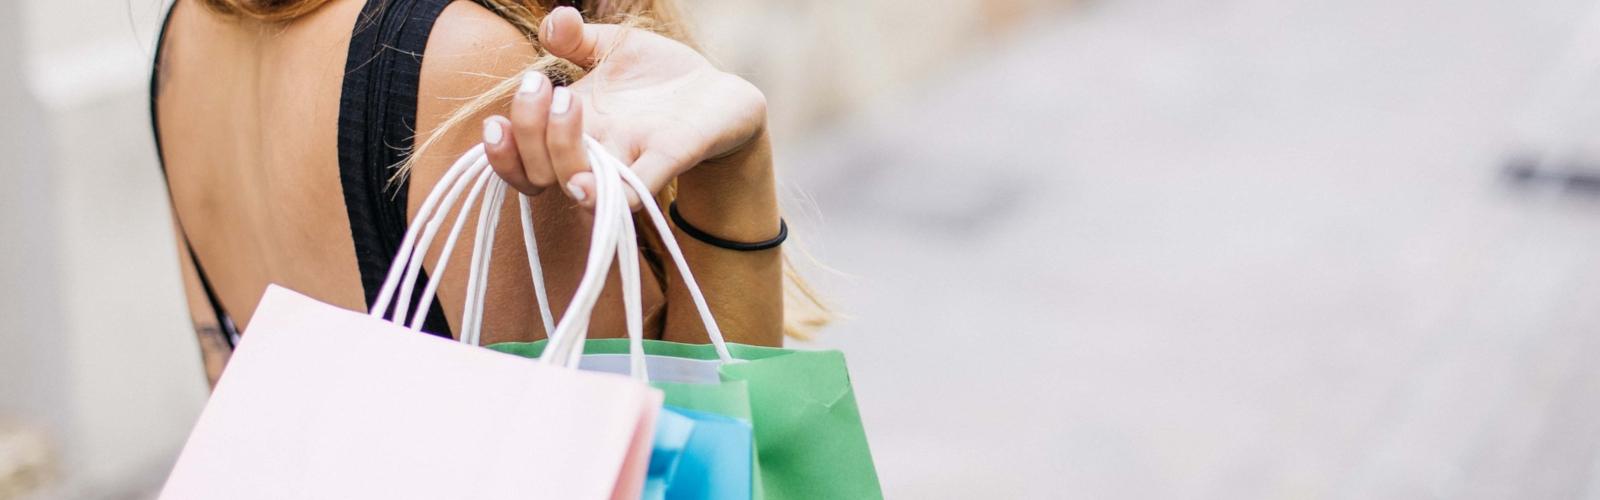 Une personne avec des sacs de shopping